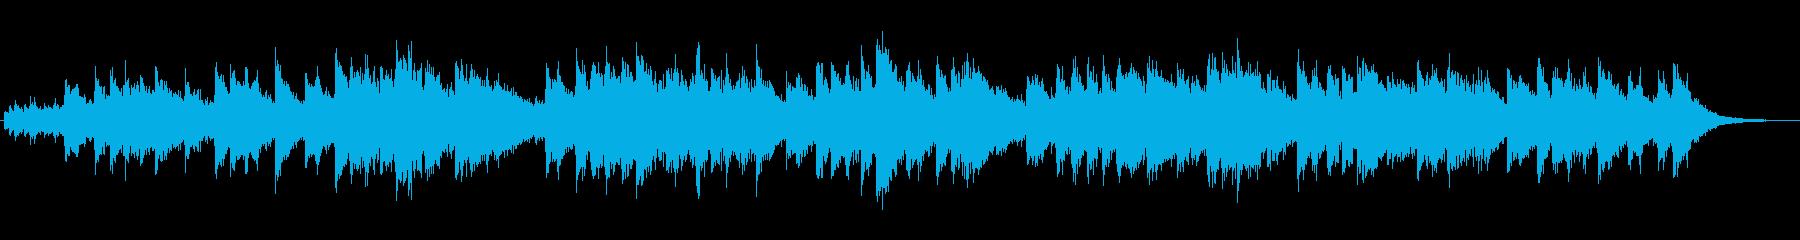 シンセの不思議な世界のジングルの再生済みの波形